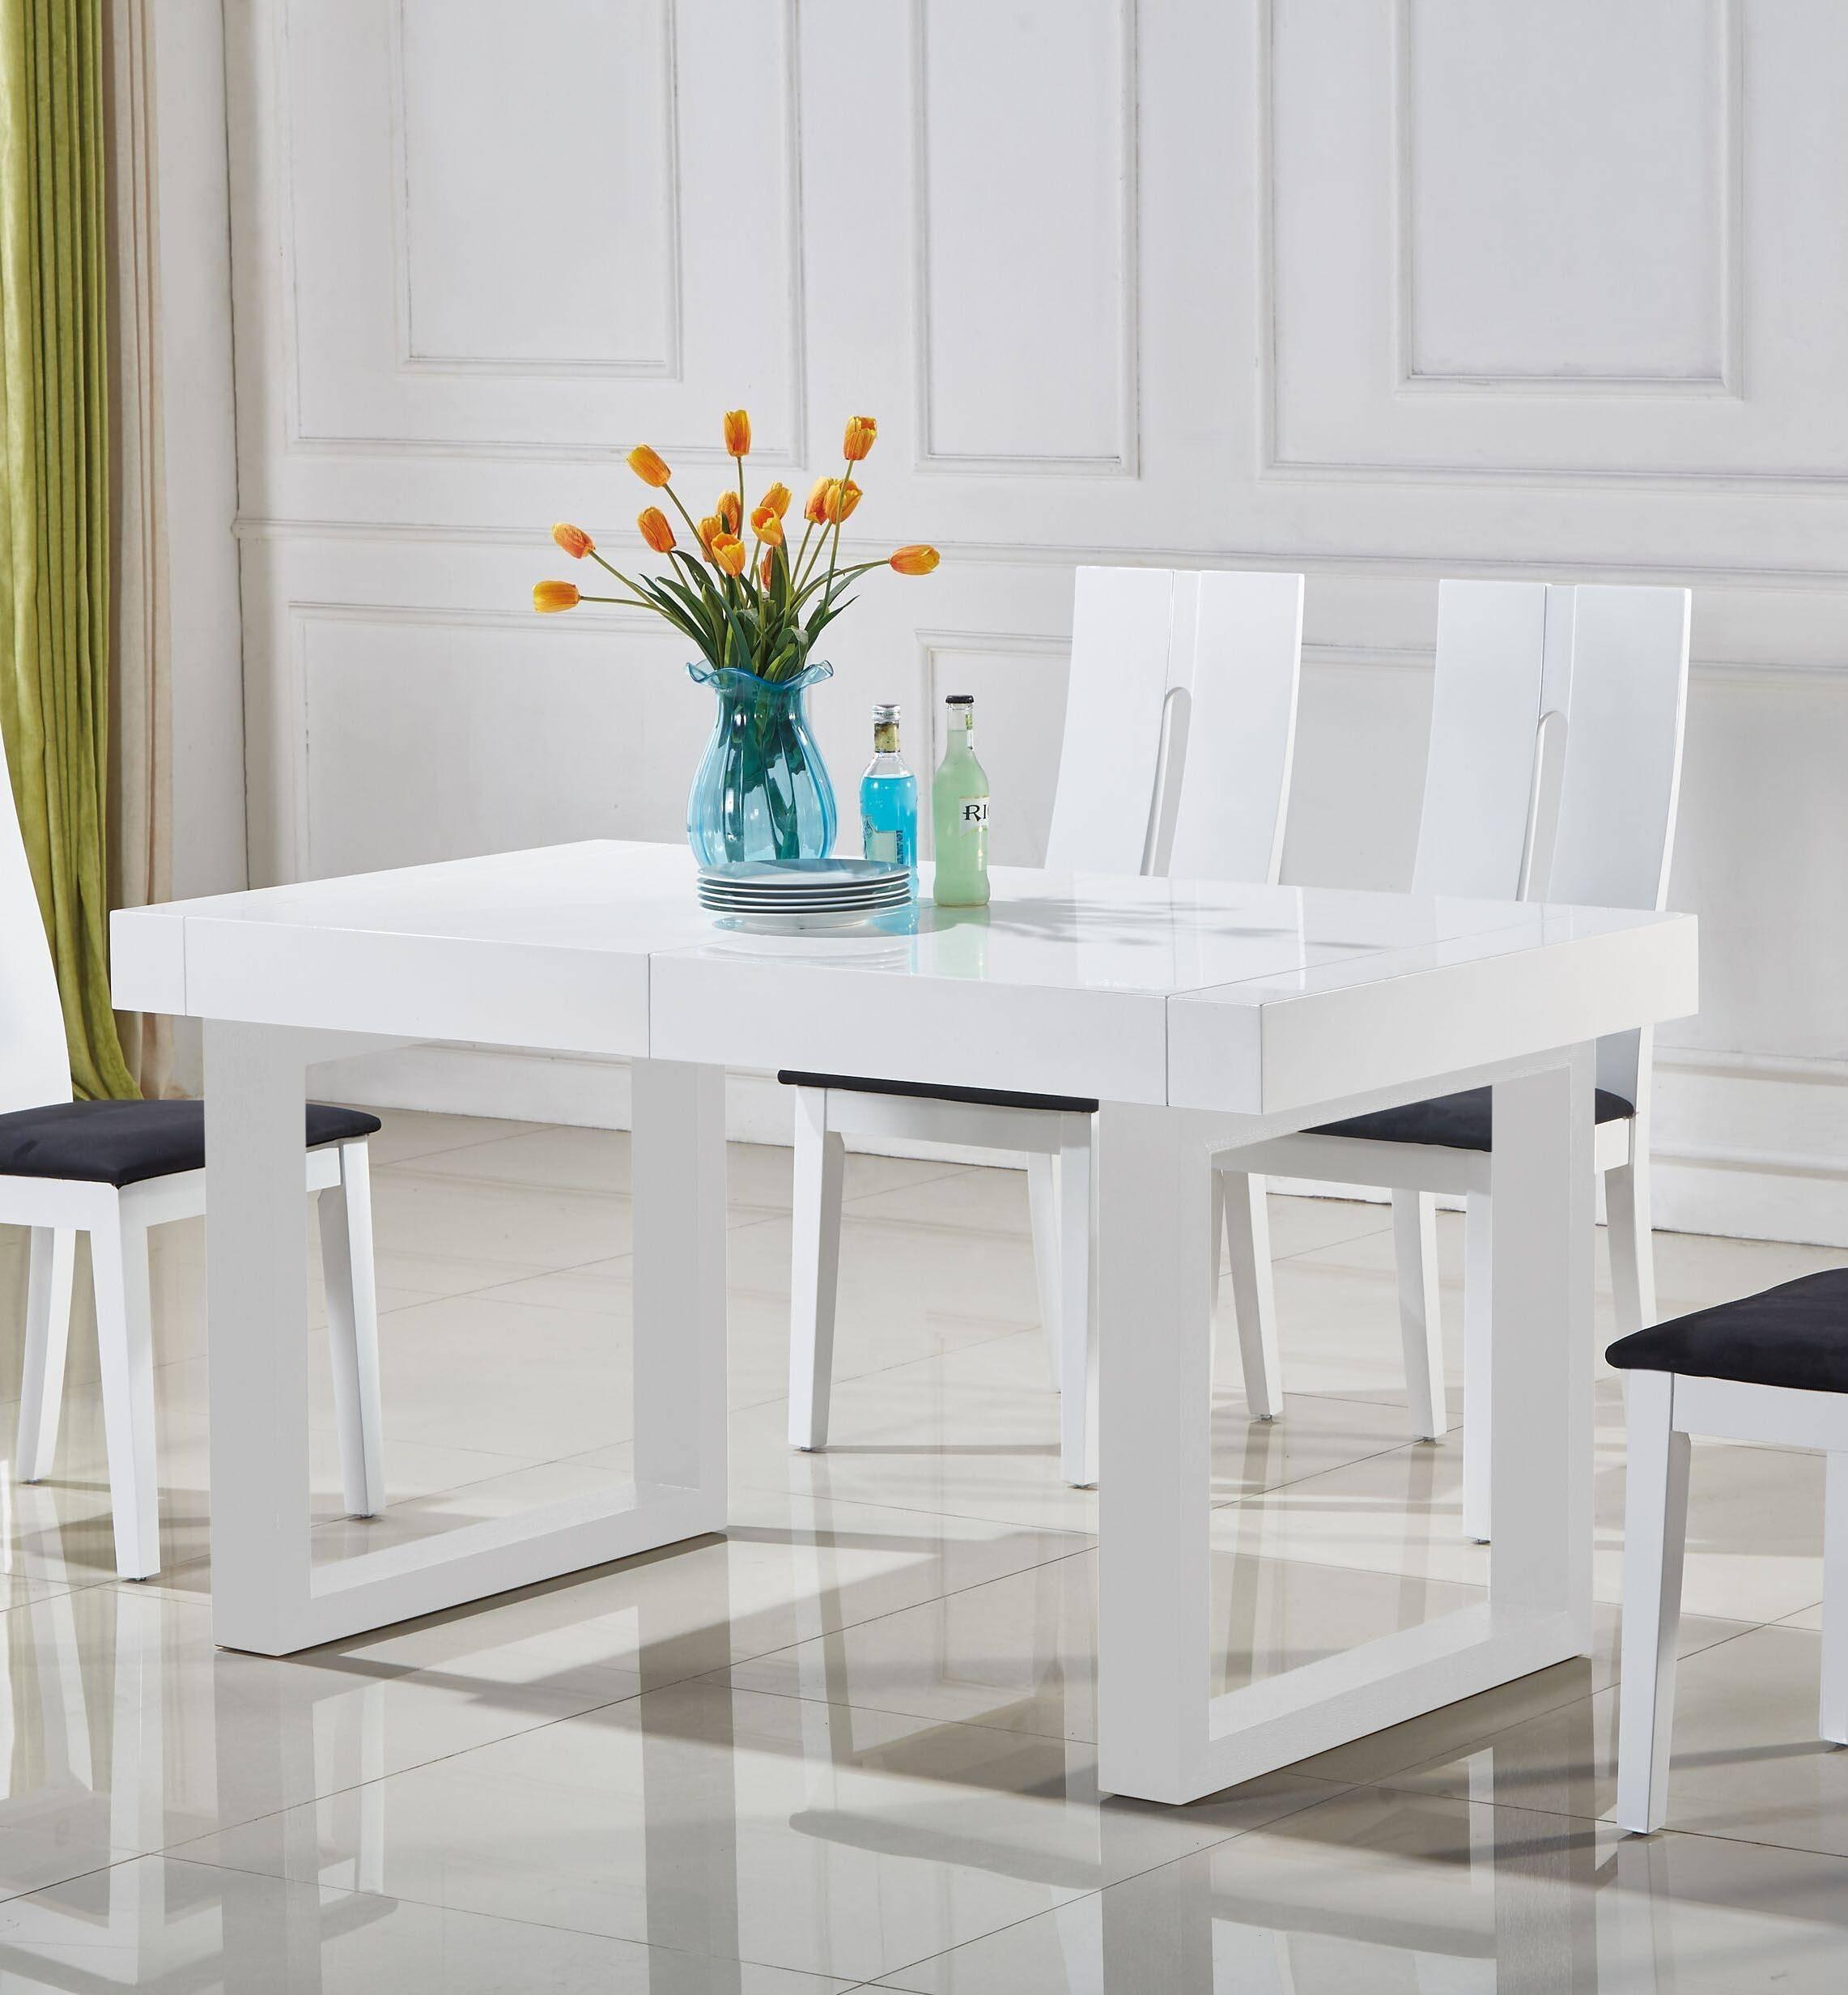 Buy At Home Laura Dining Table In White Wood Wood Veneers Online